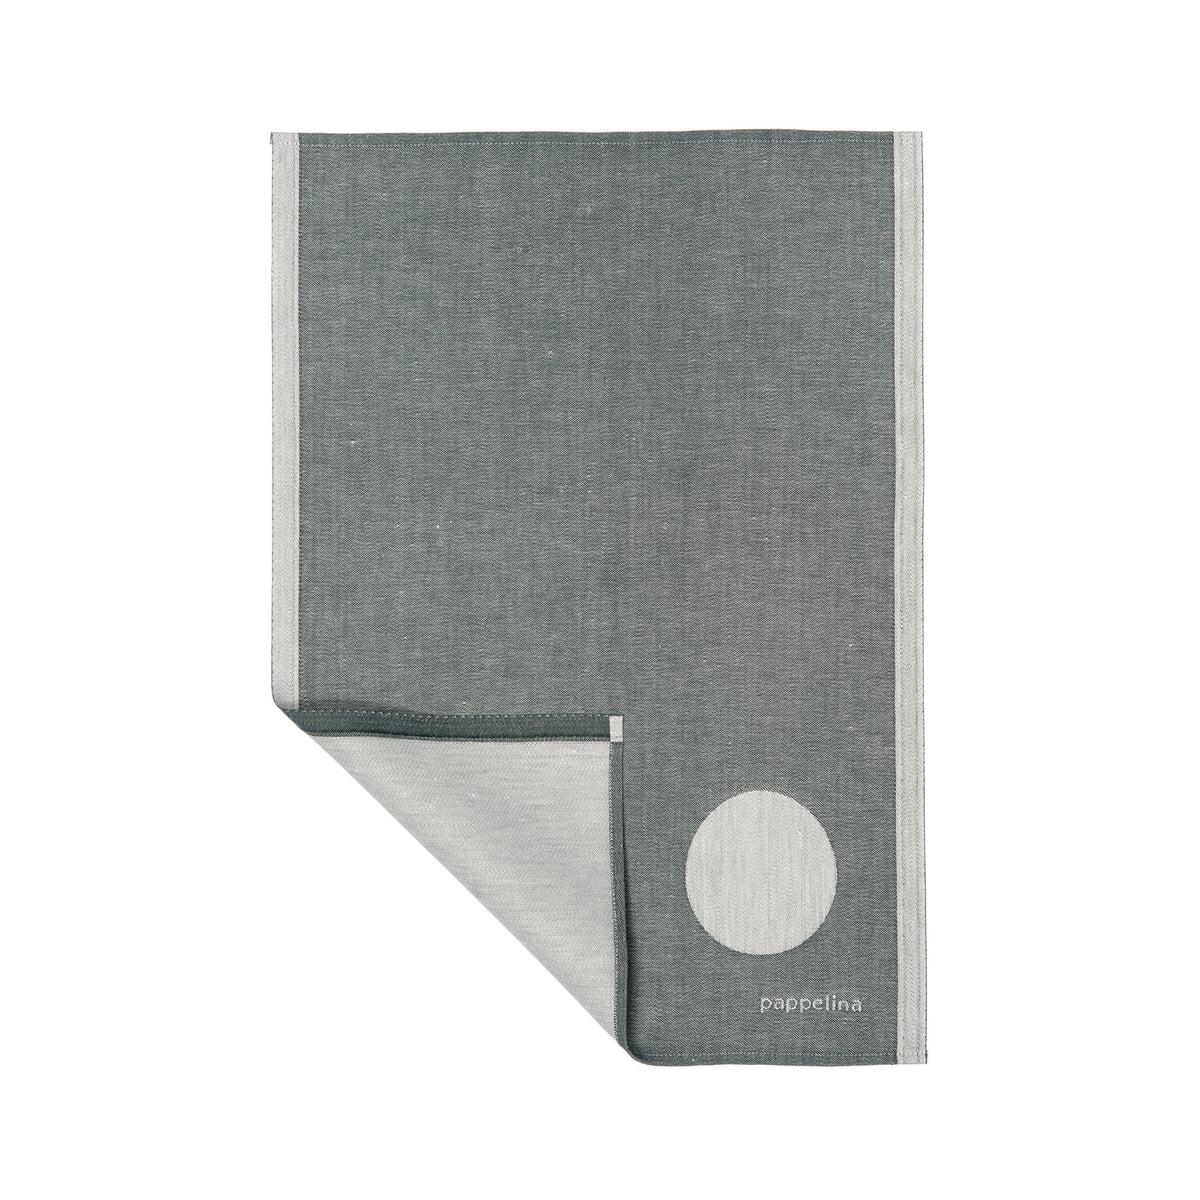 torchon vaisselle jonte de pappelina connox. Black Bedroom Furniture Sets. Home Design Ideas